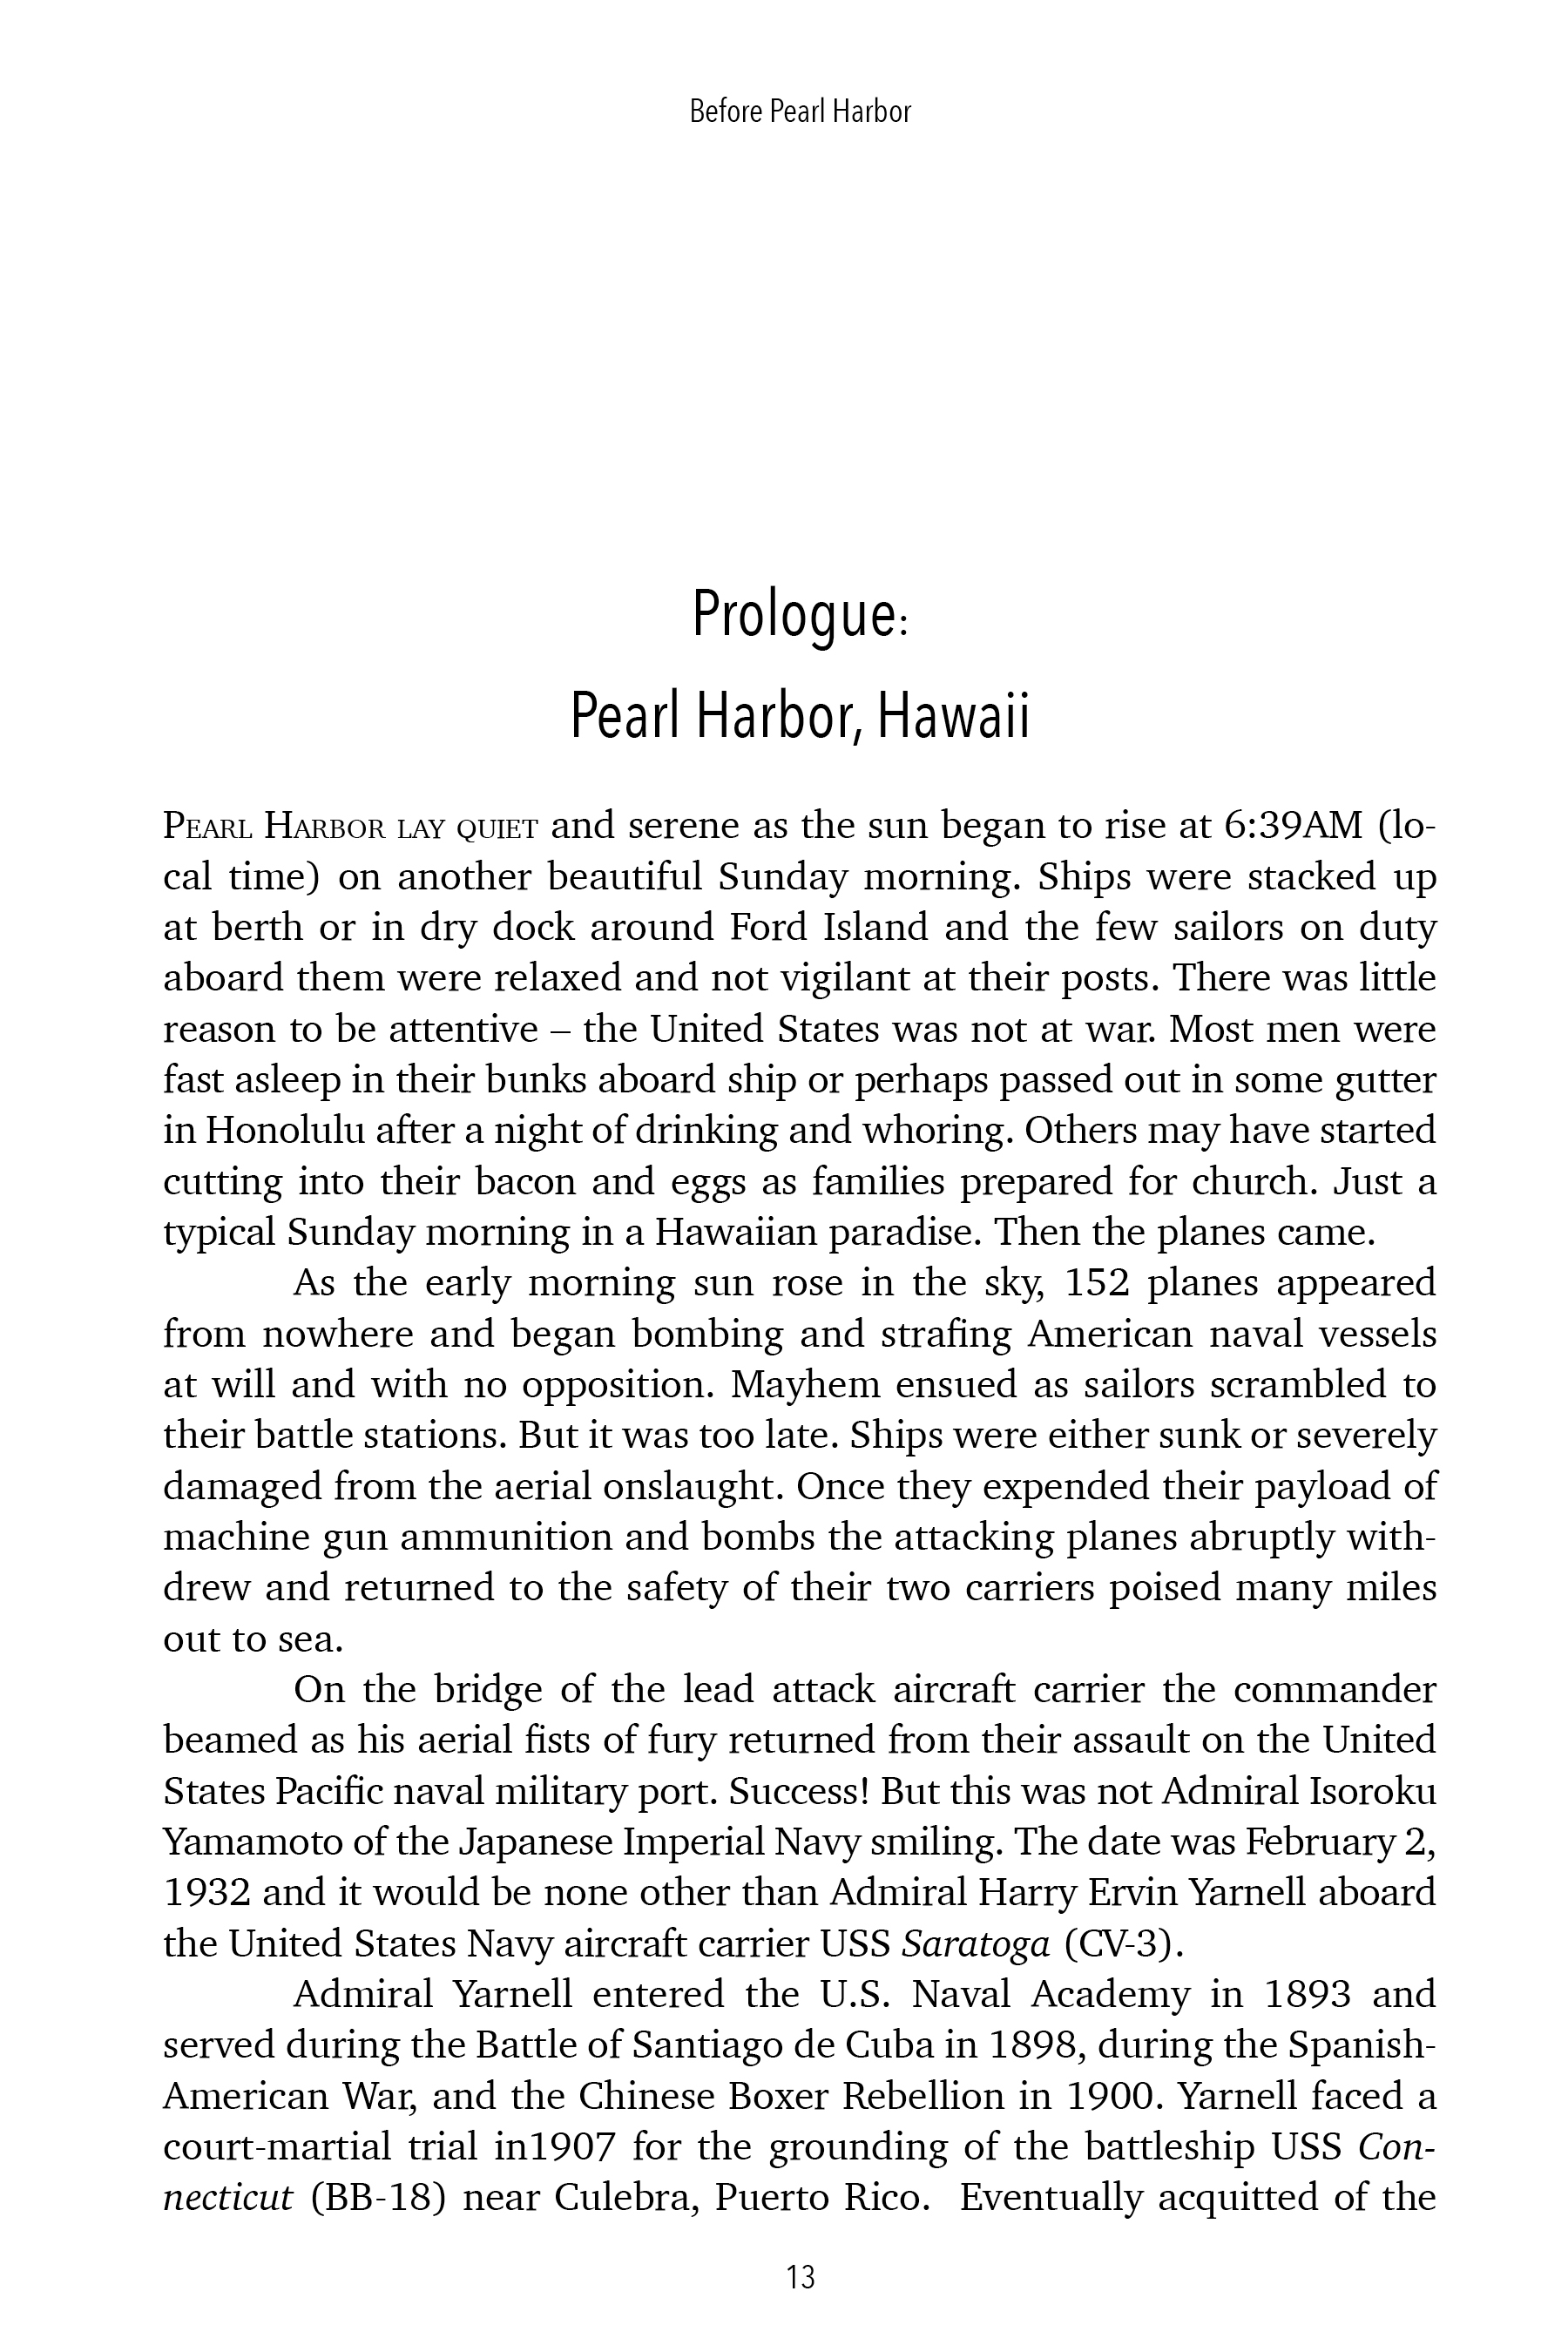 Before Pearl Harbor-FINAL-10.30.1912